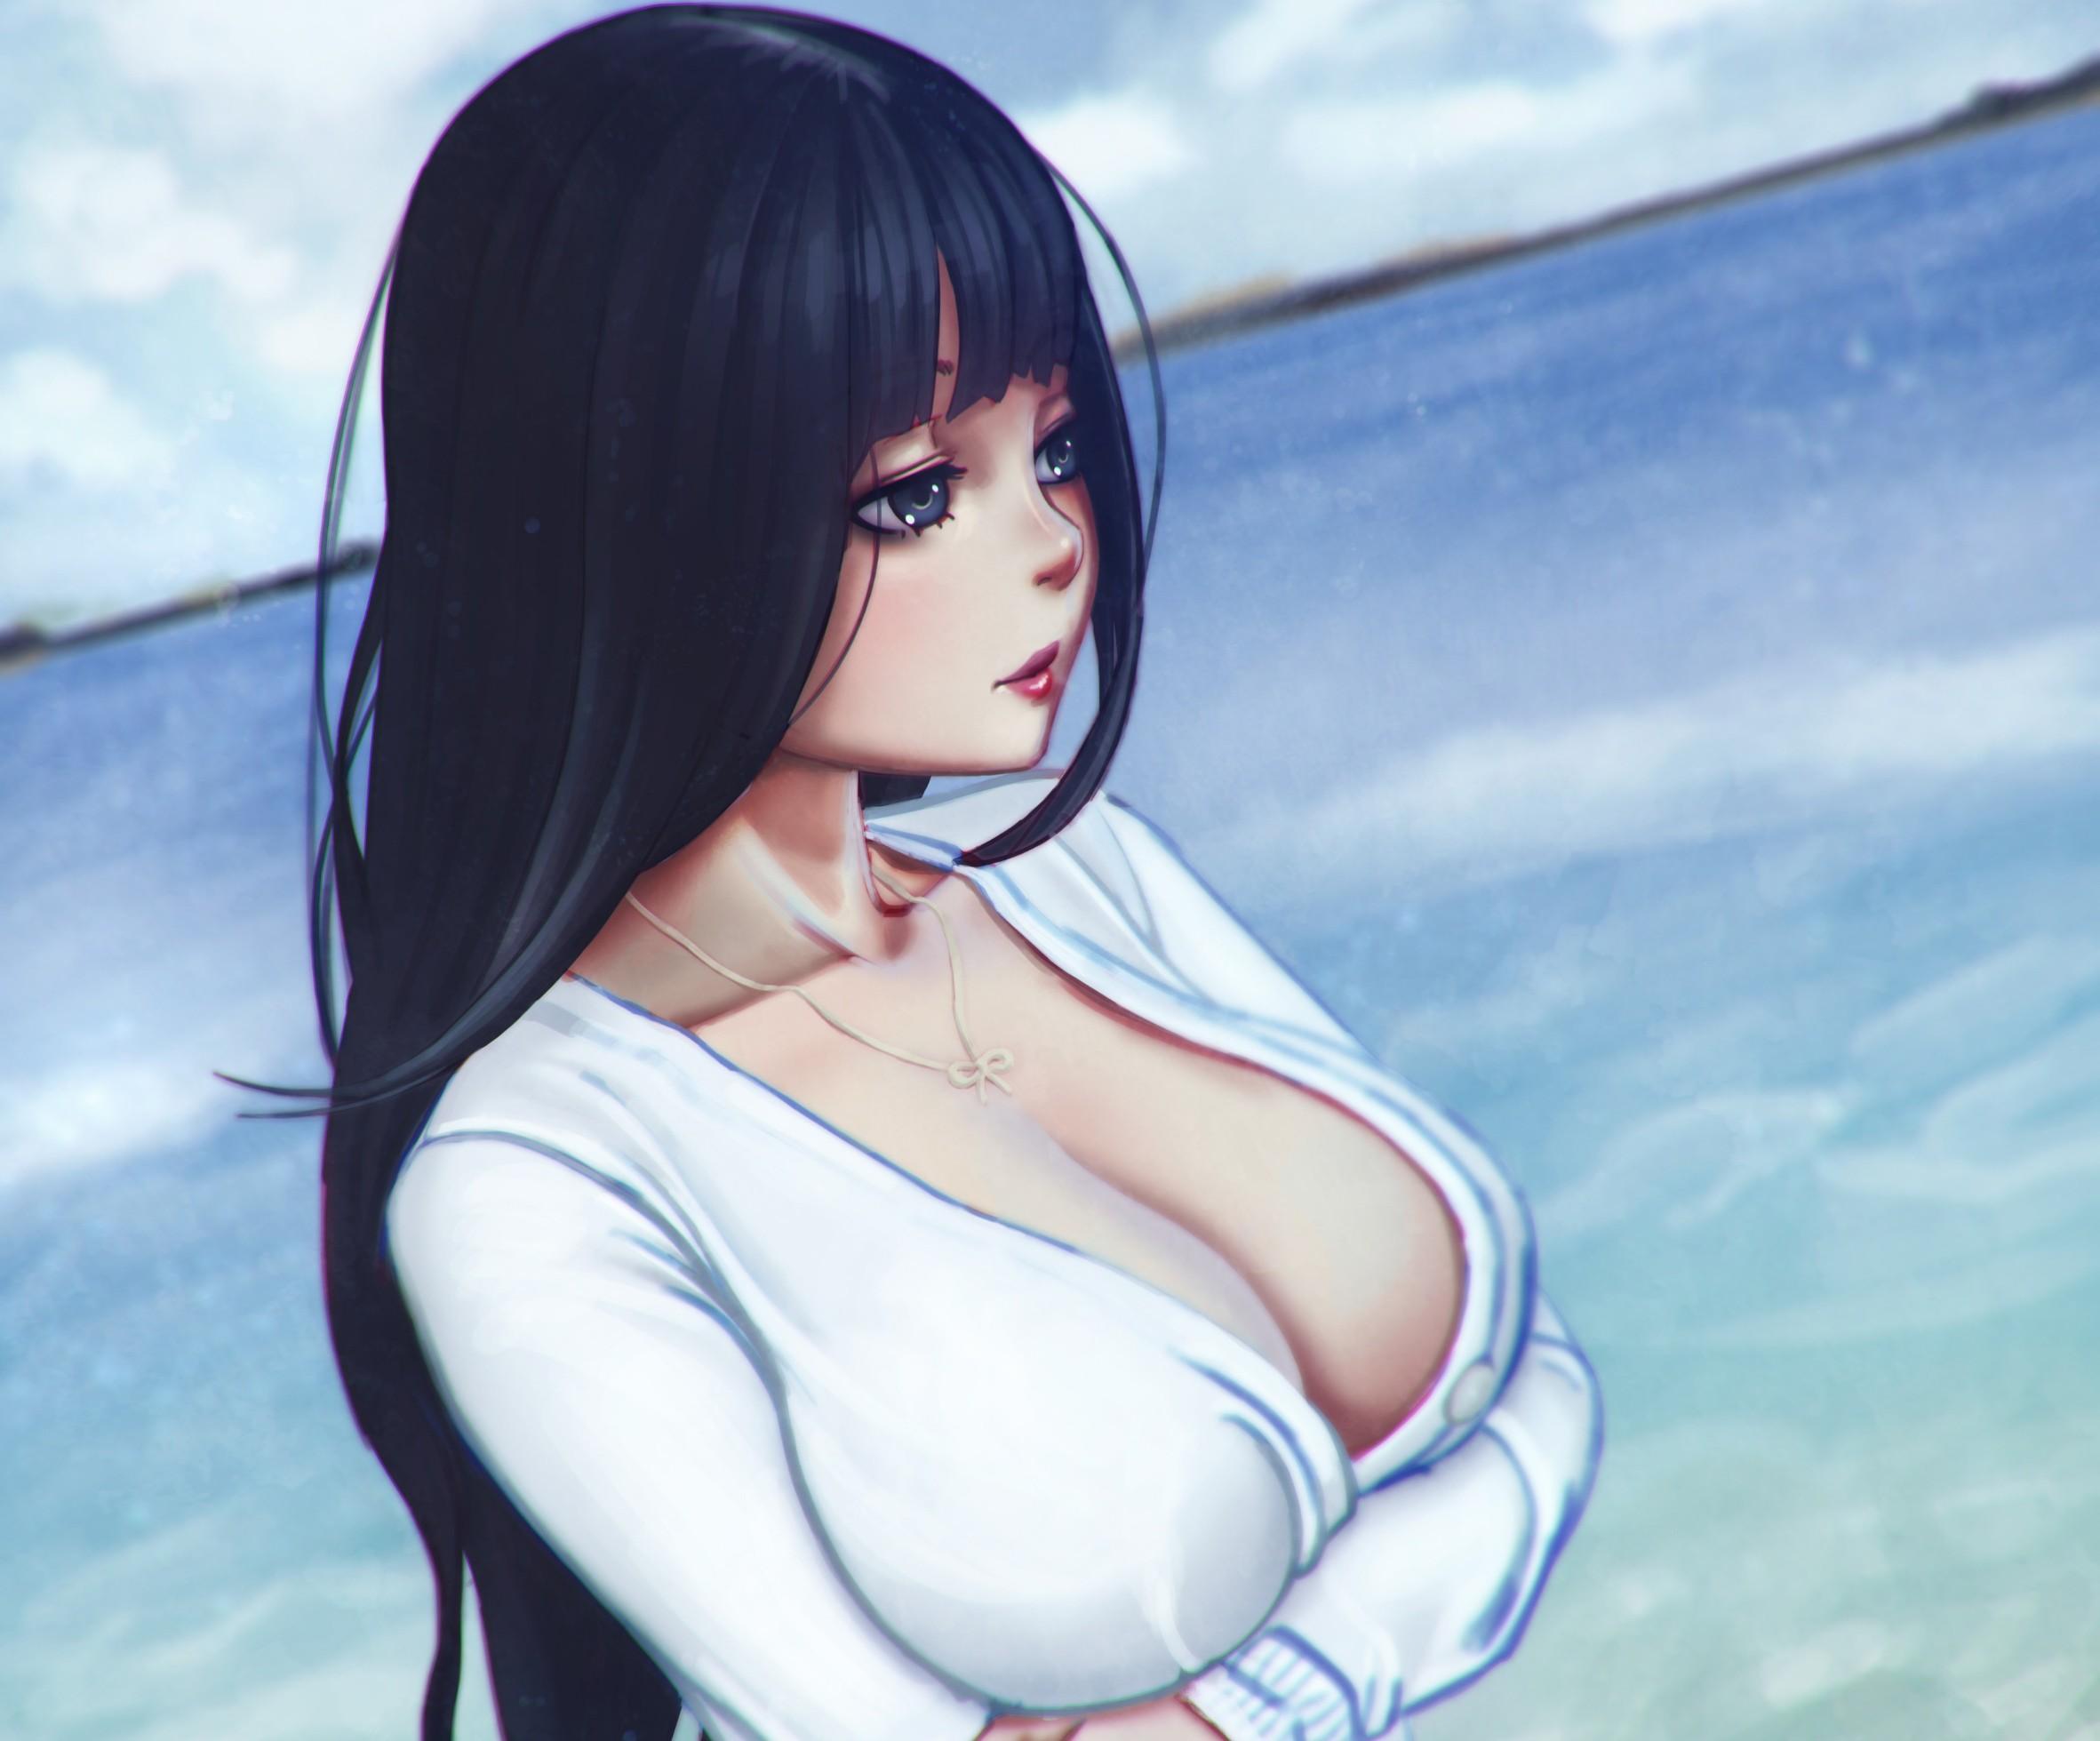 картинки девочки аниме с грудью обнажонные15 лет